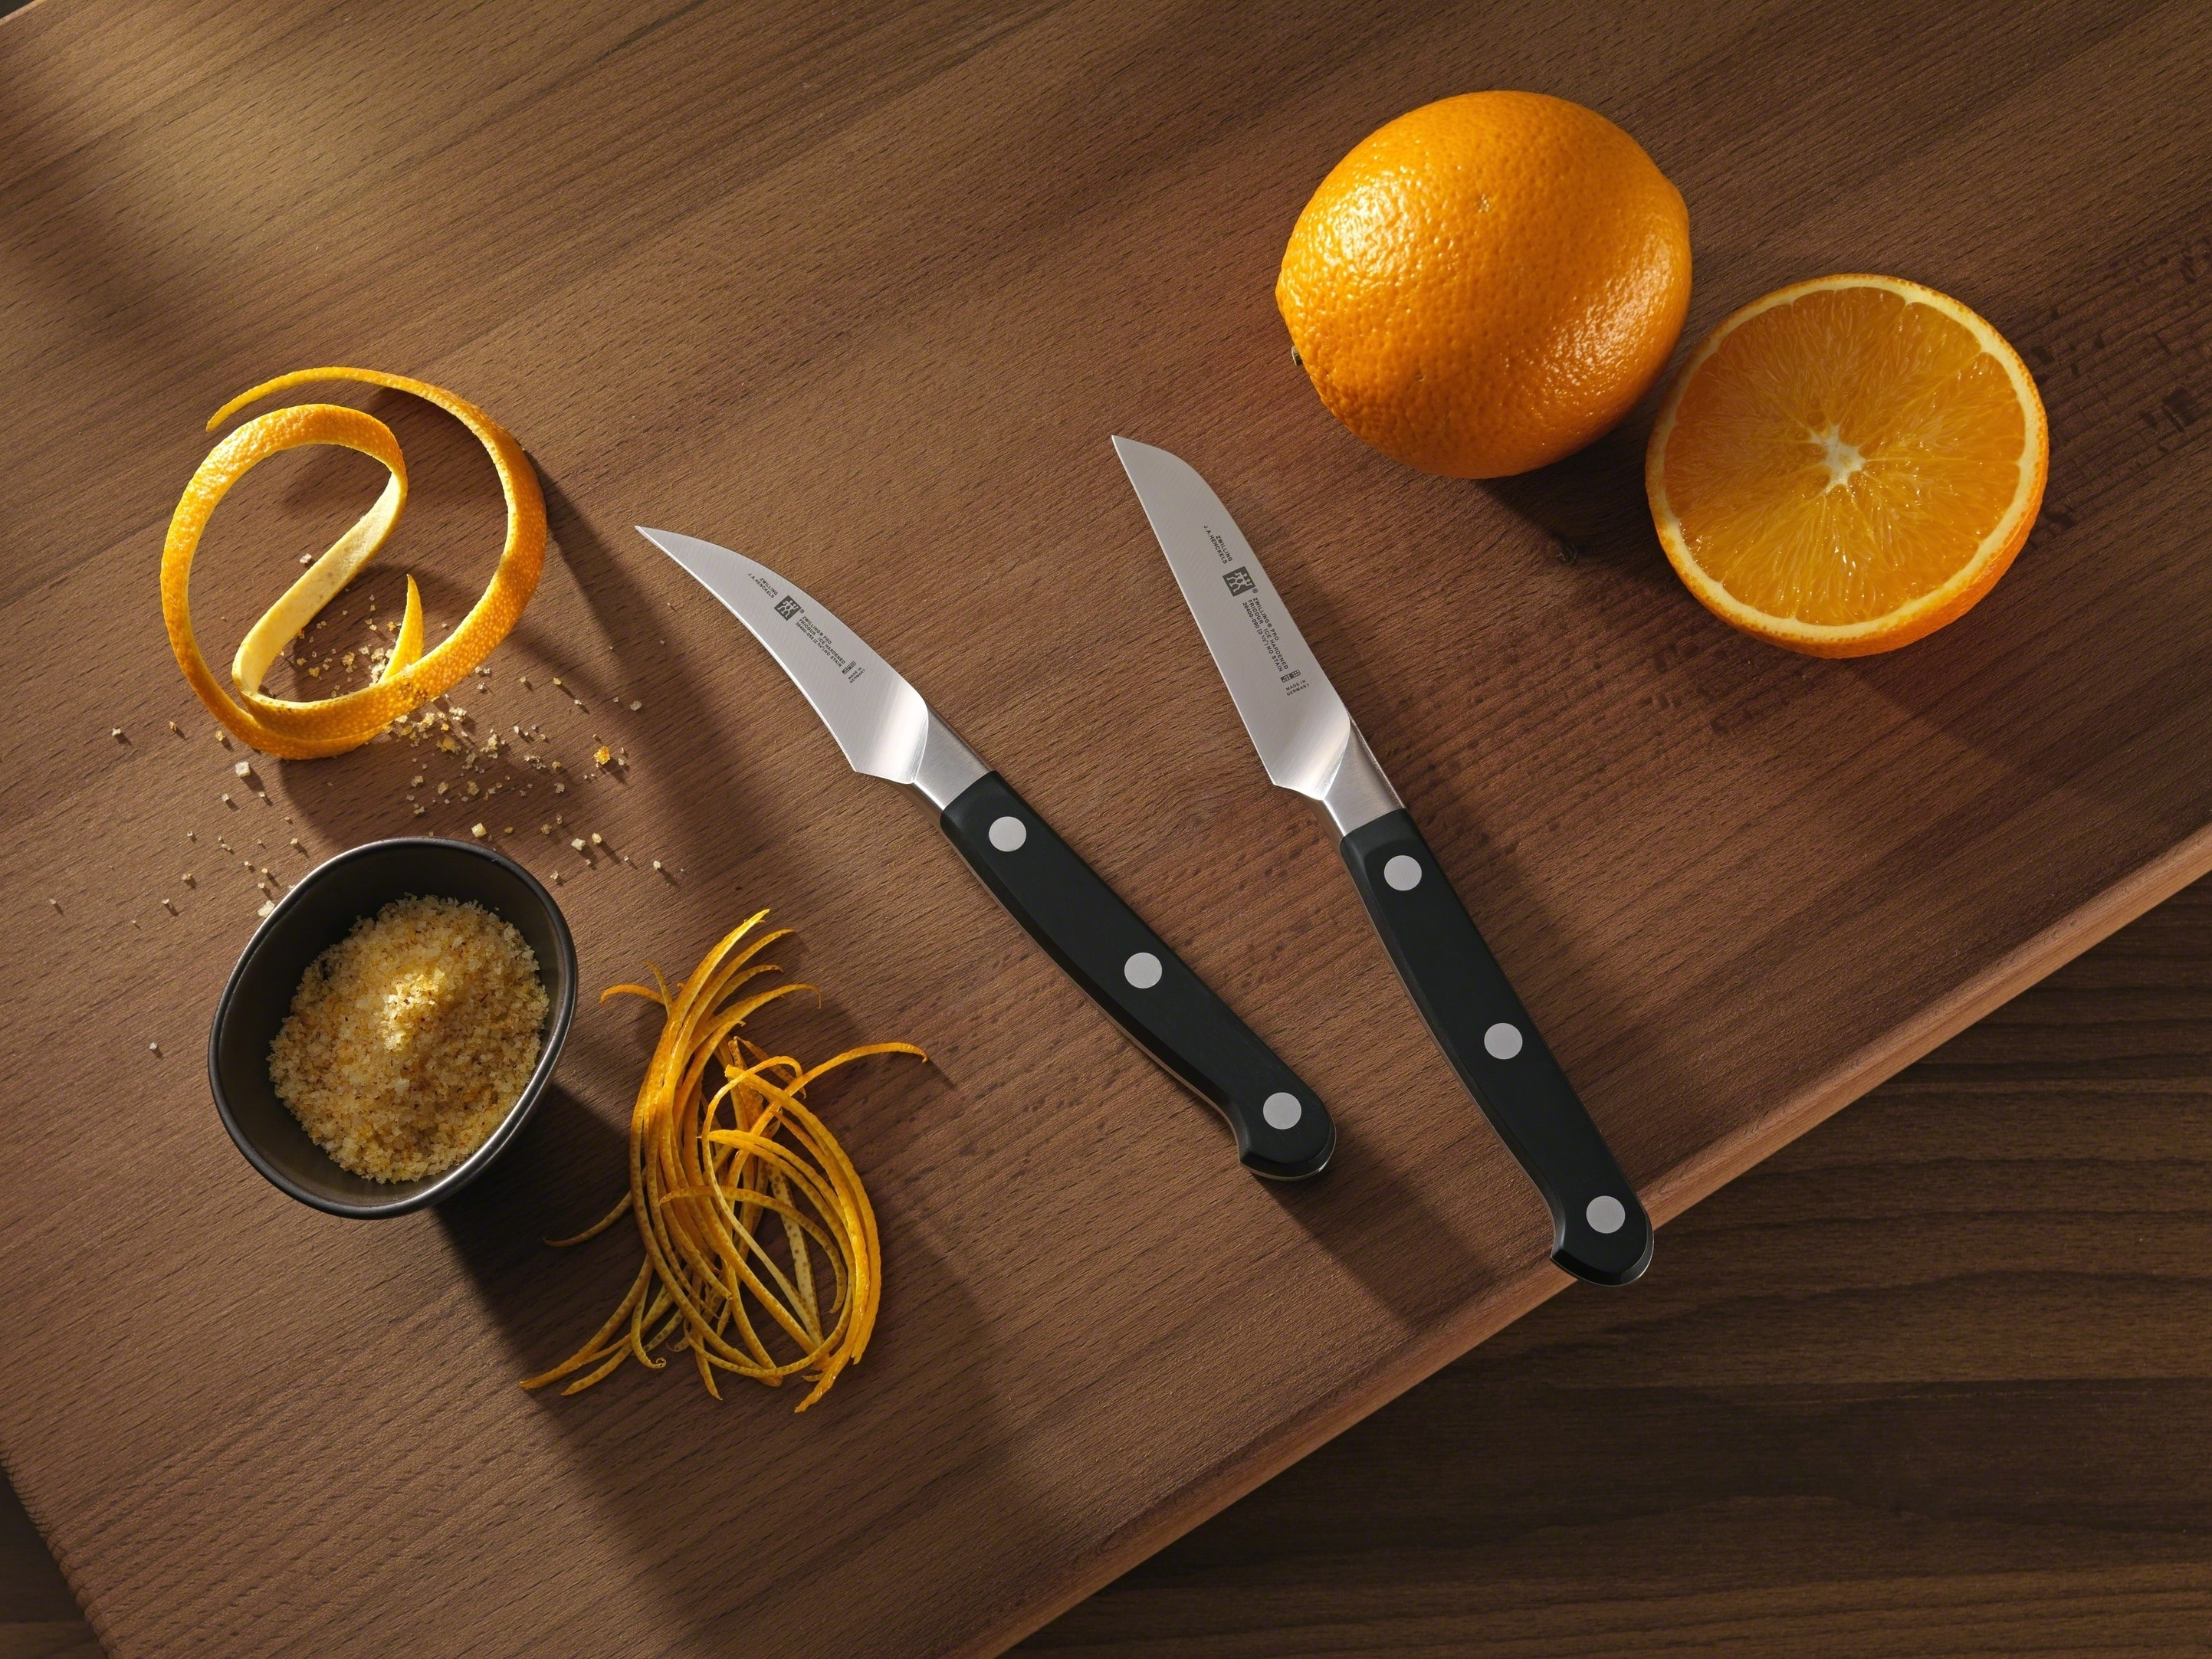 Nóż do warzyw i owoców Zwilling Pro